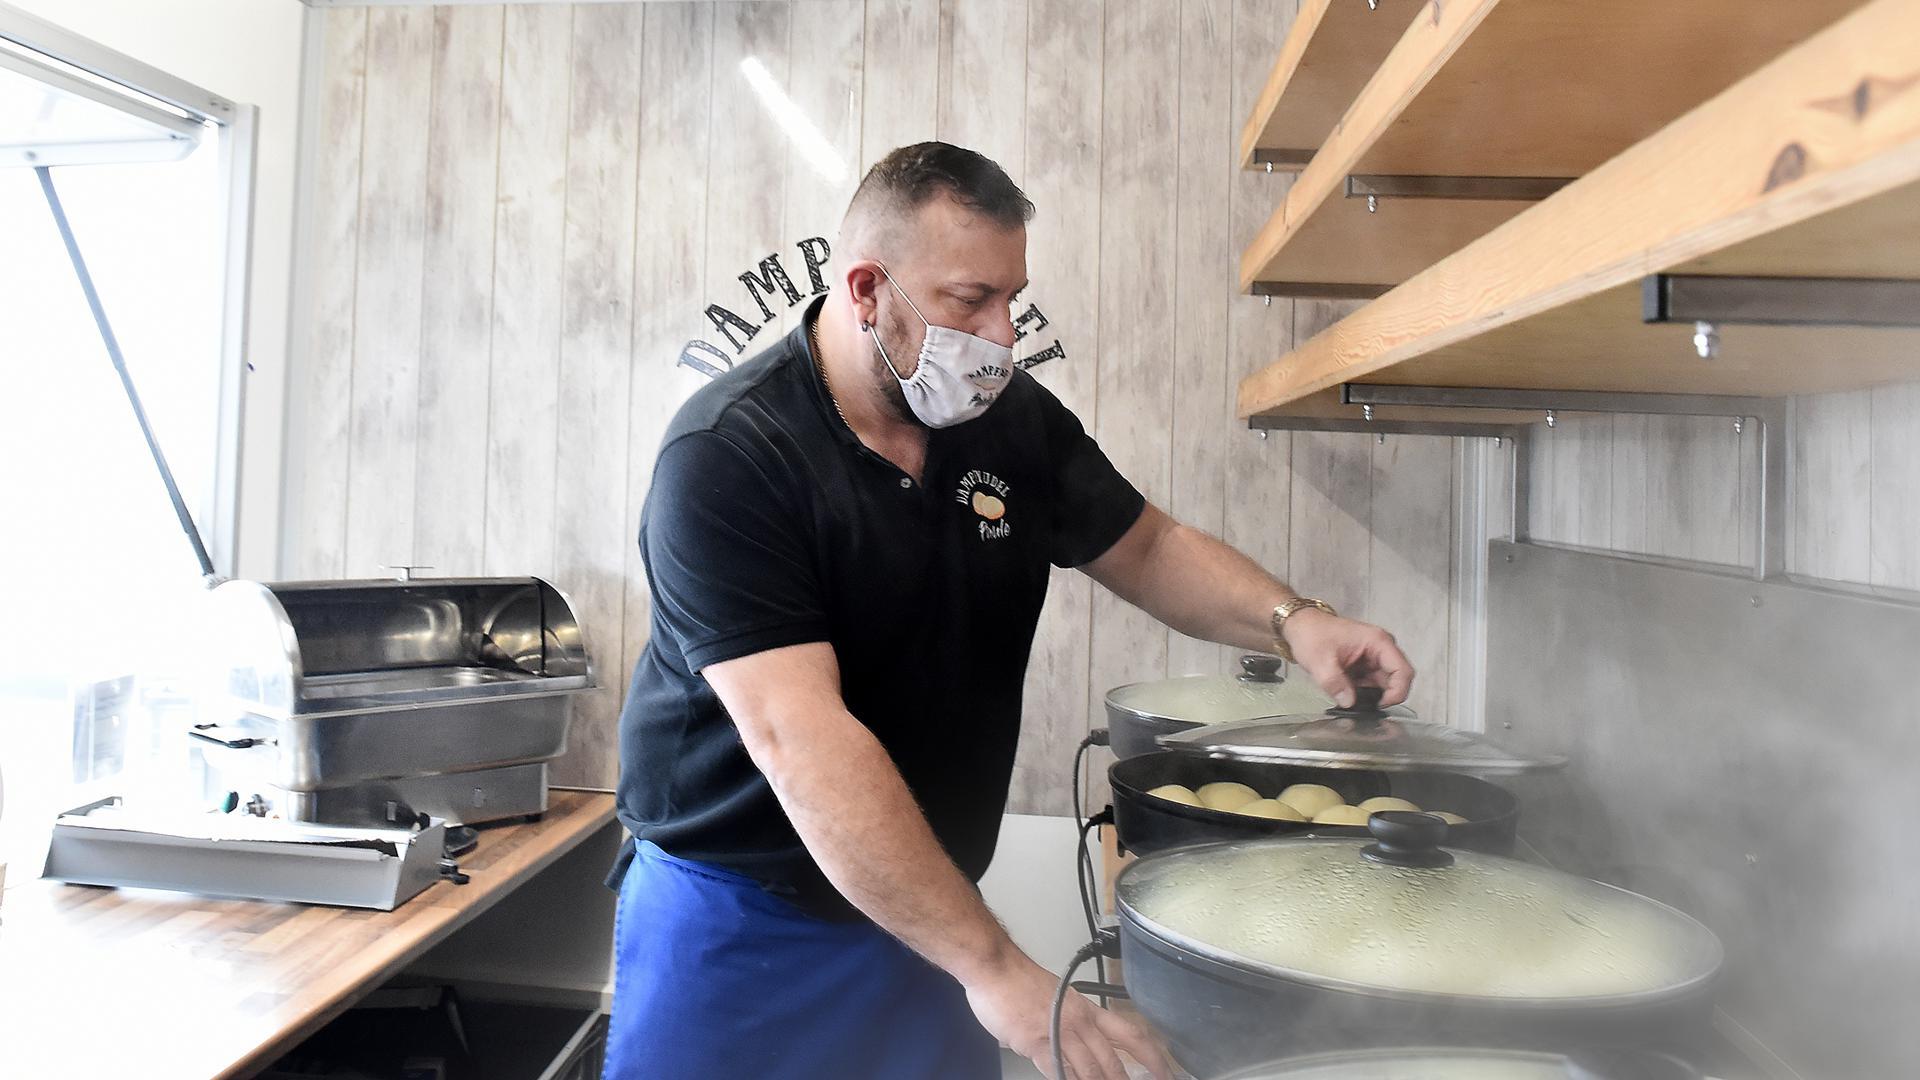 Foodtruck: Mario Fröhlich stellt seine Dampfnudeln frisch an dem Ort her, an dem sich sein Foodtruck gerade befindet - mit denselben Methoden, wie er es schon aus der Kindheit von der Oma kennt.